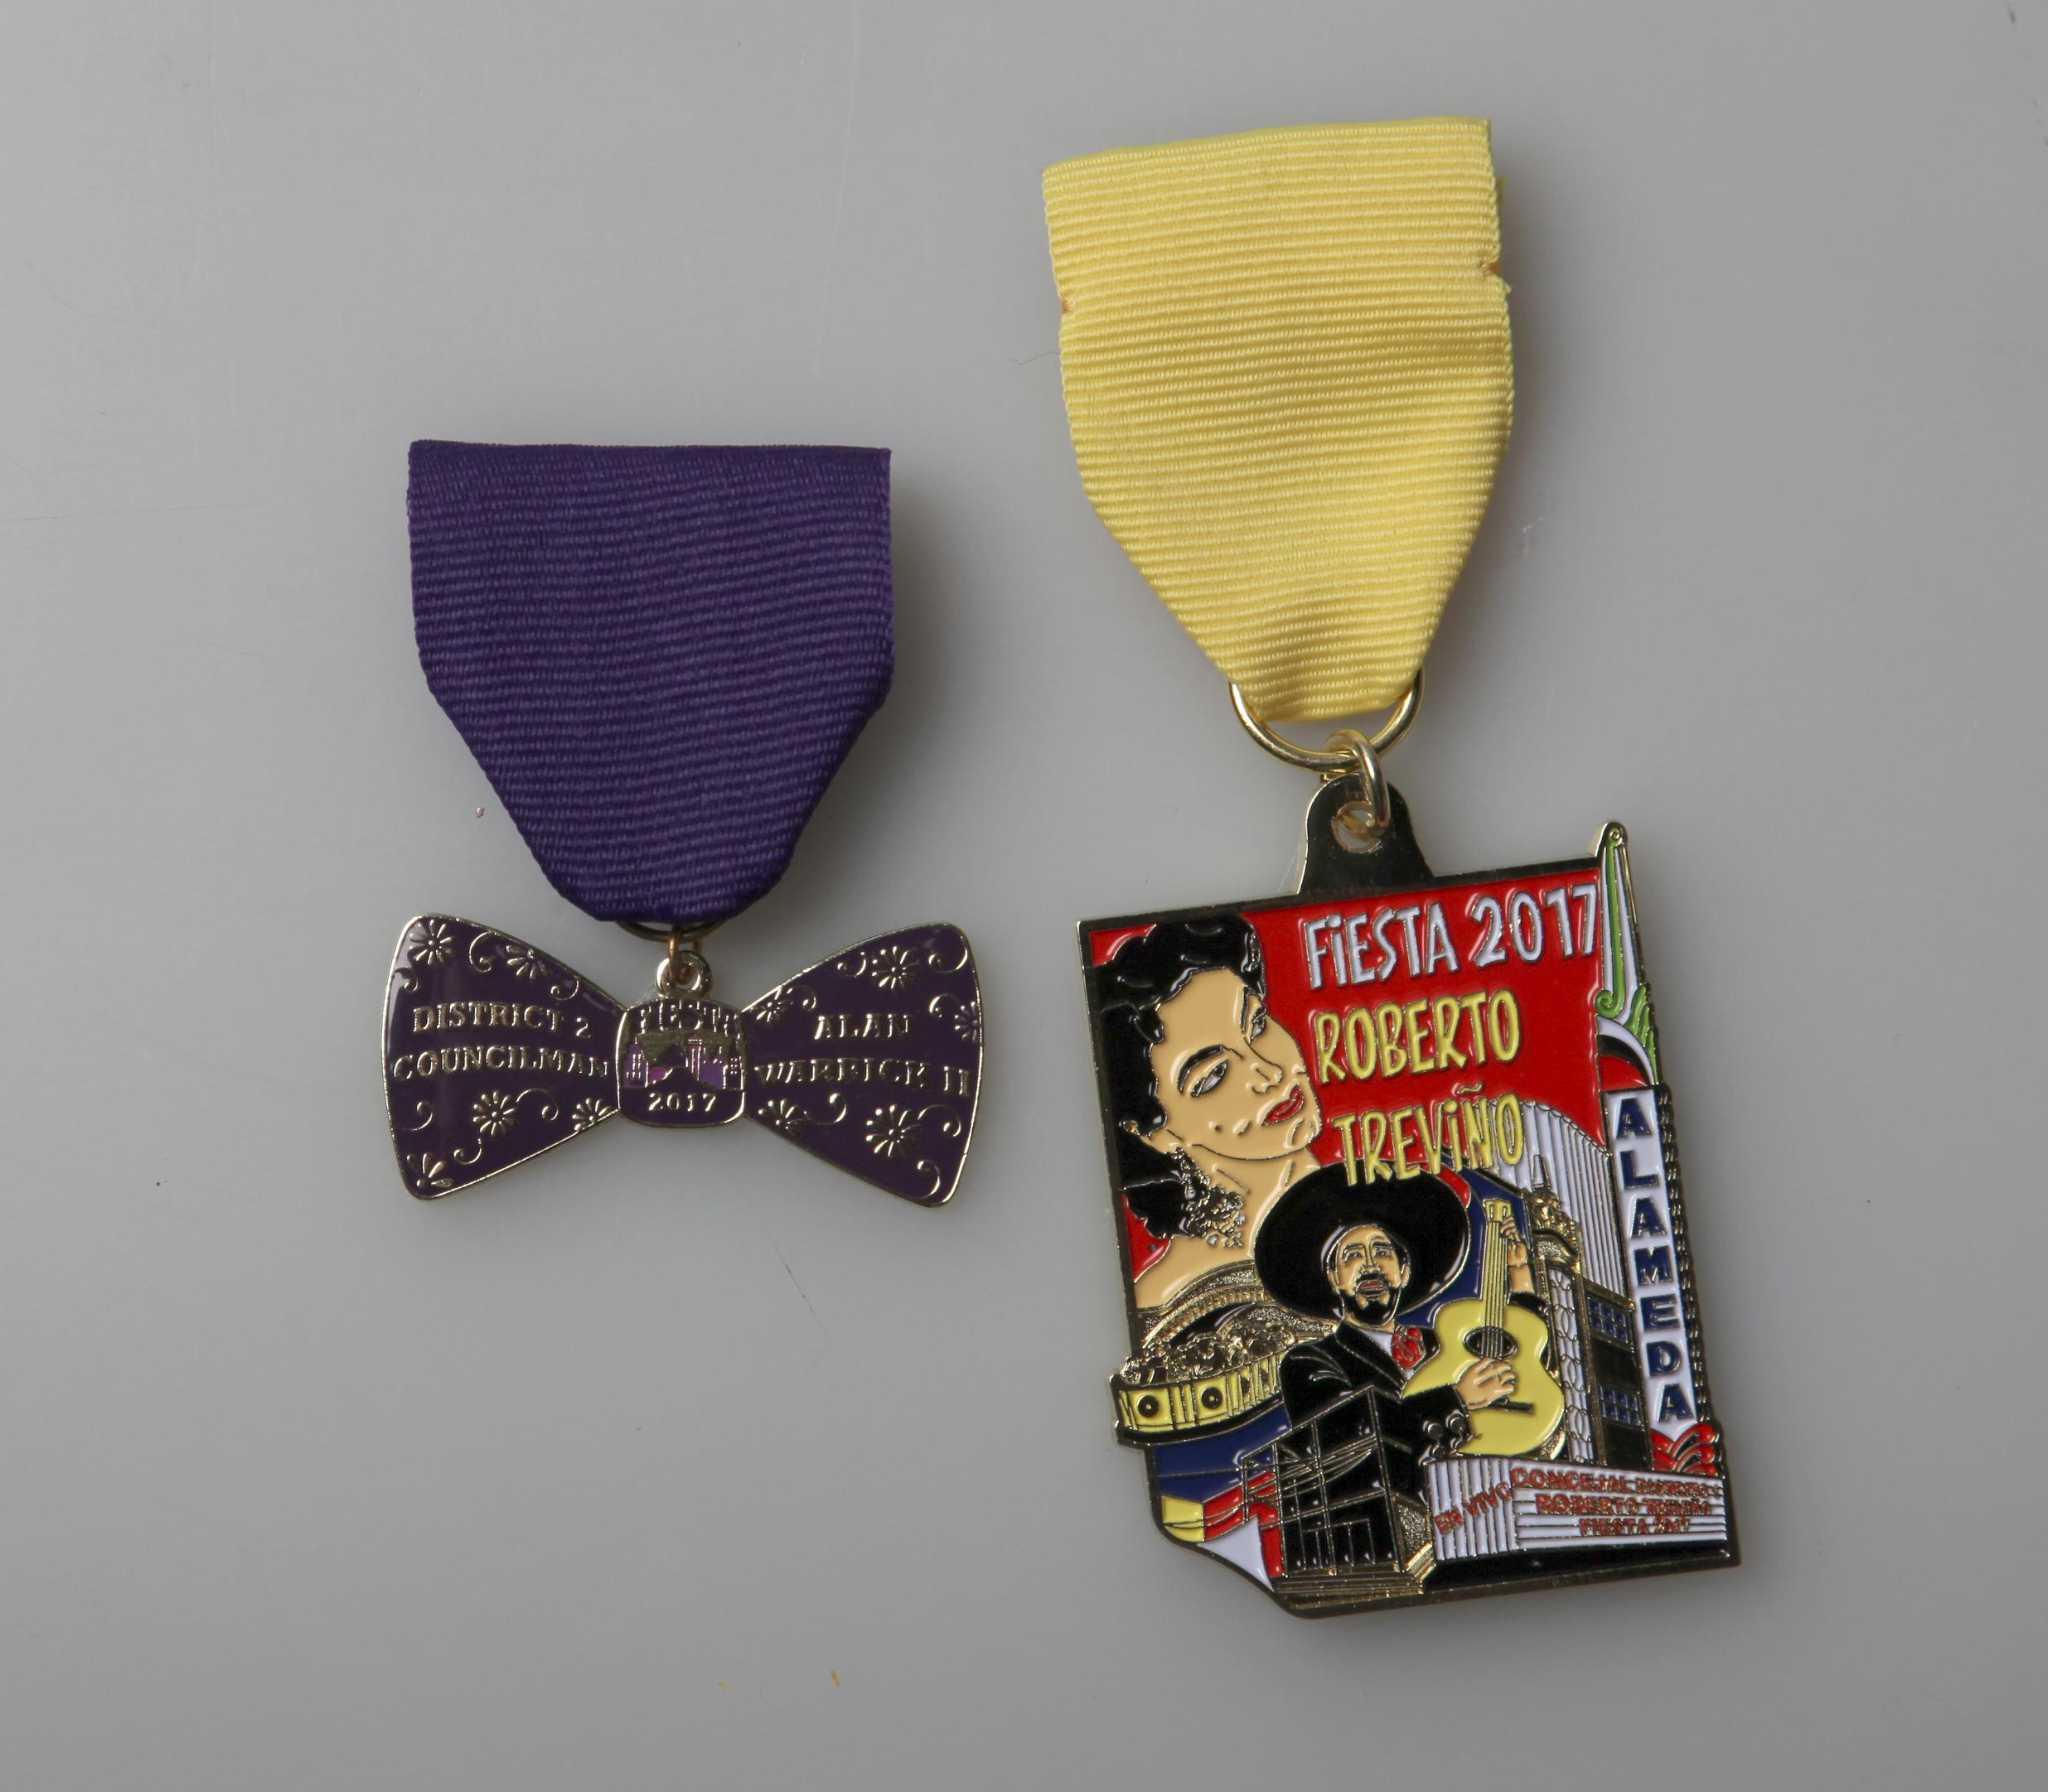 Fiesta medals giveaway